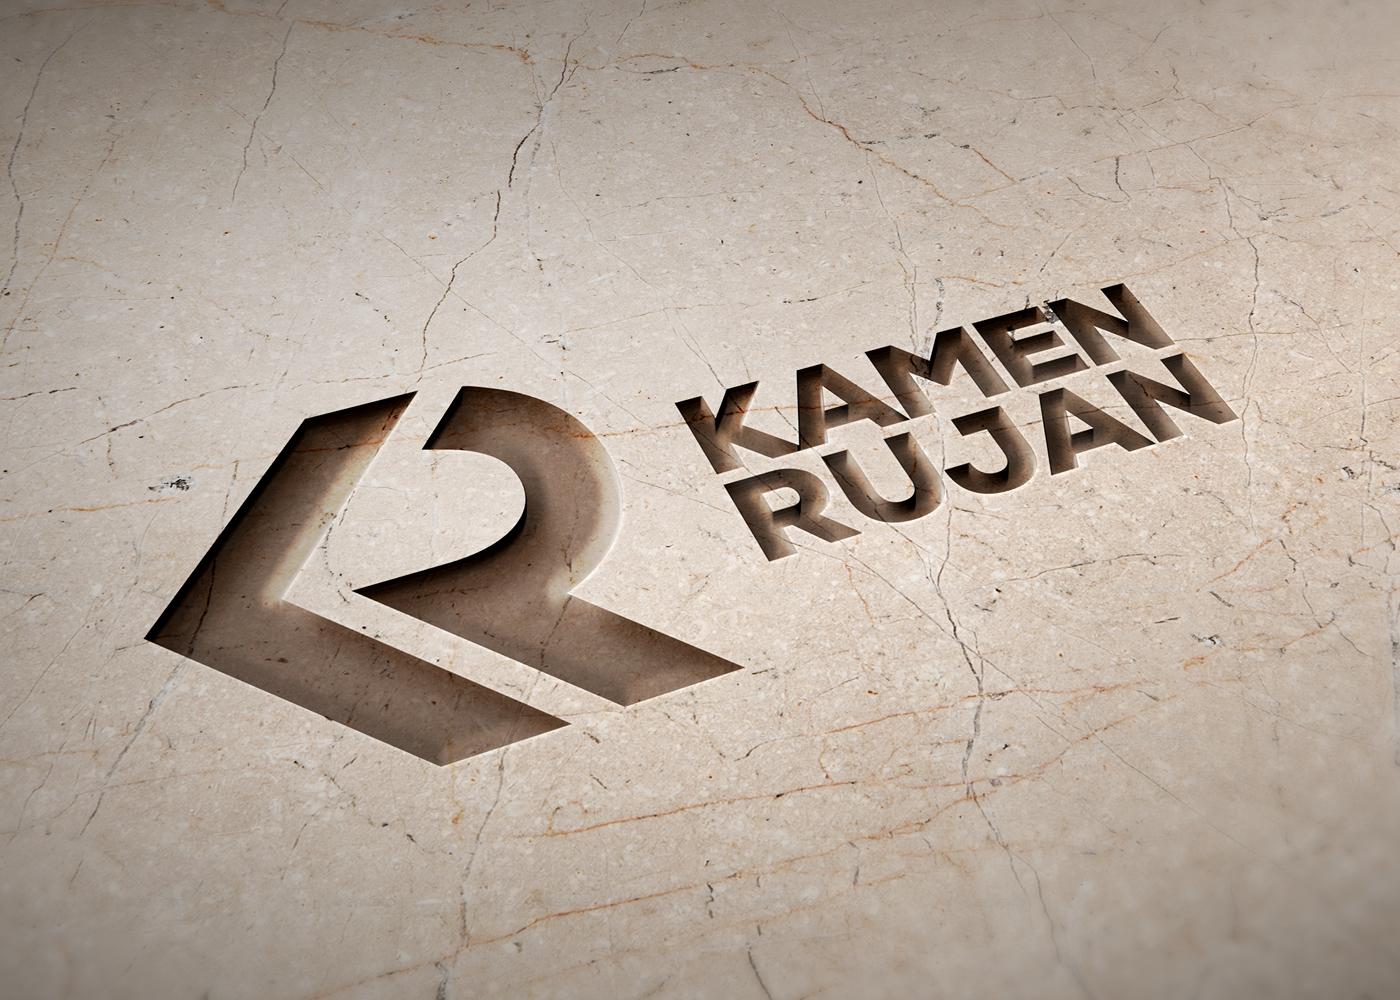 Vizualni identitet branda Kamen Rujan